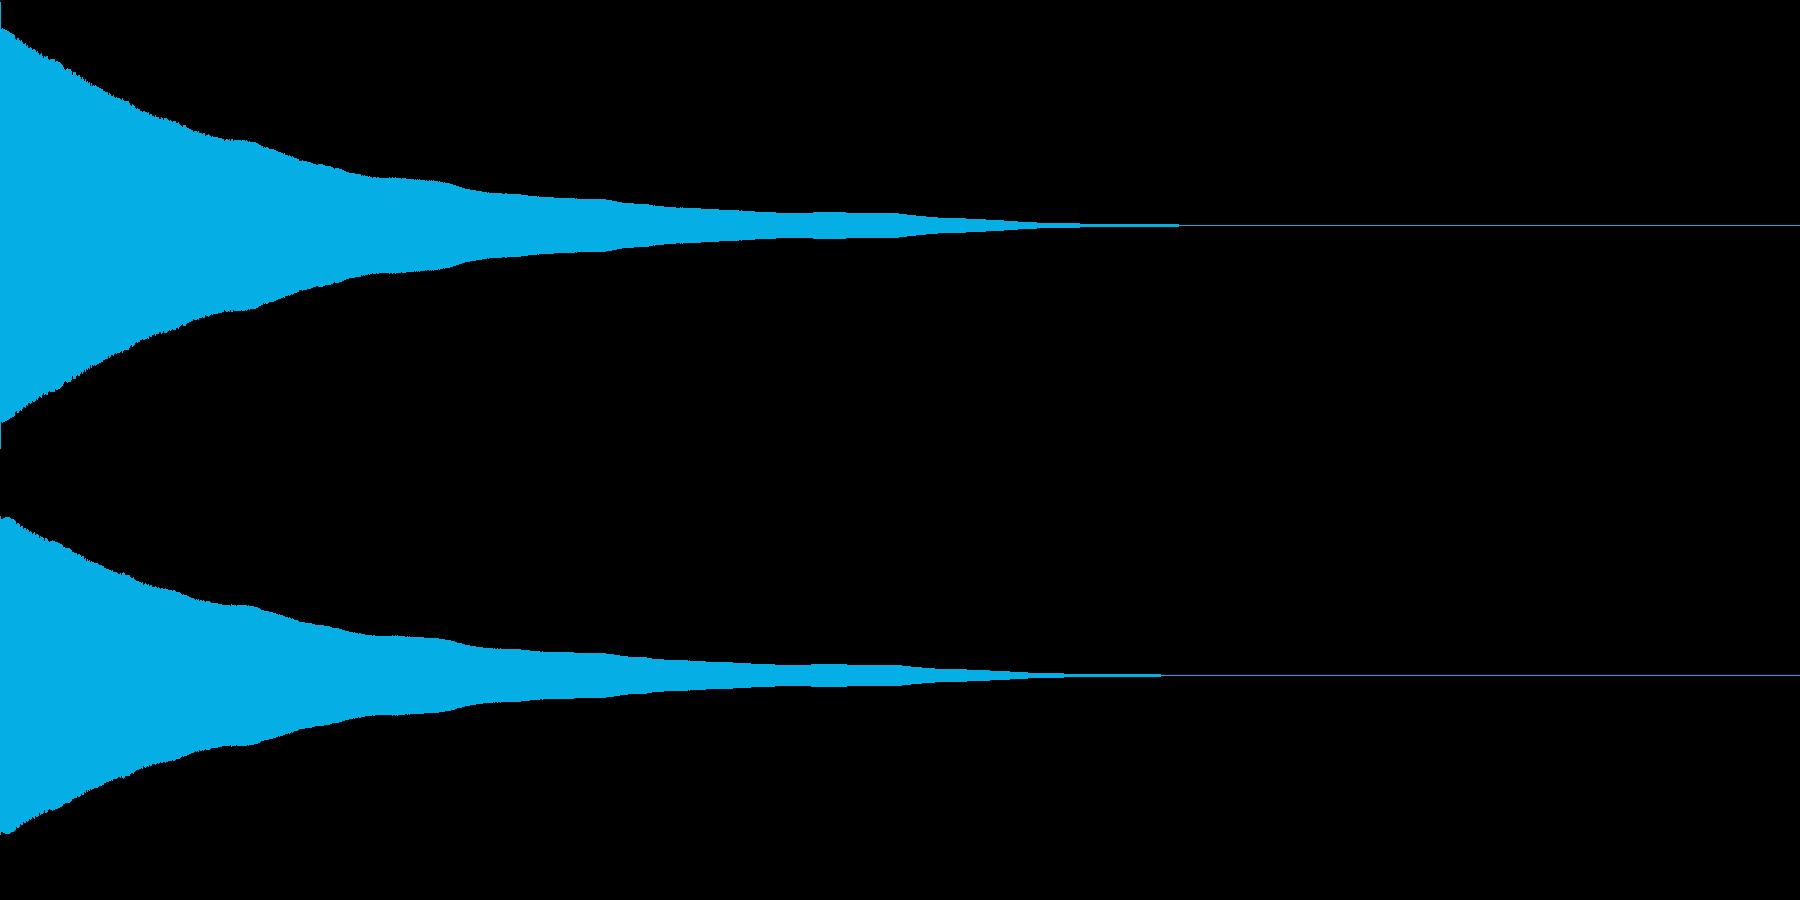 ポワワワーン(目が回る音)の再生済みの波形